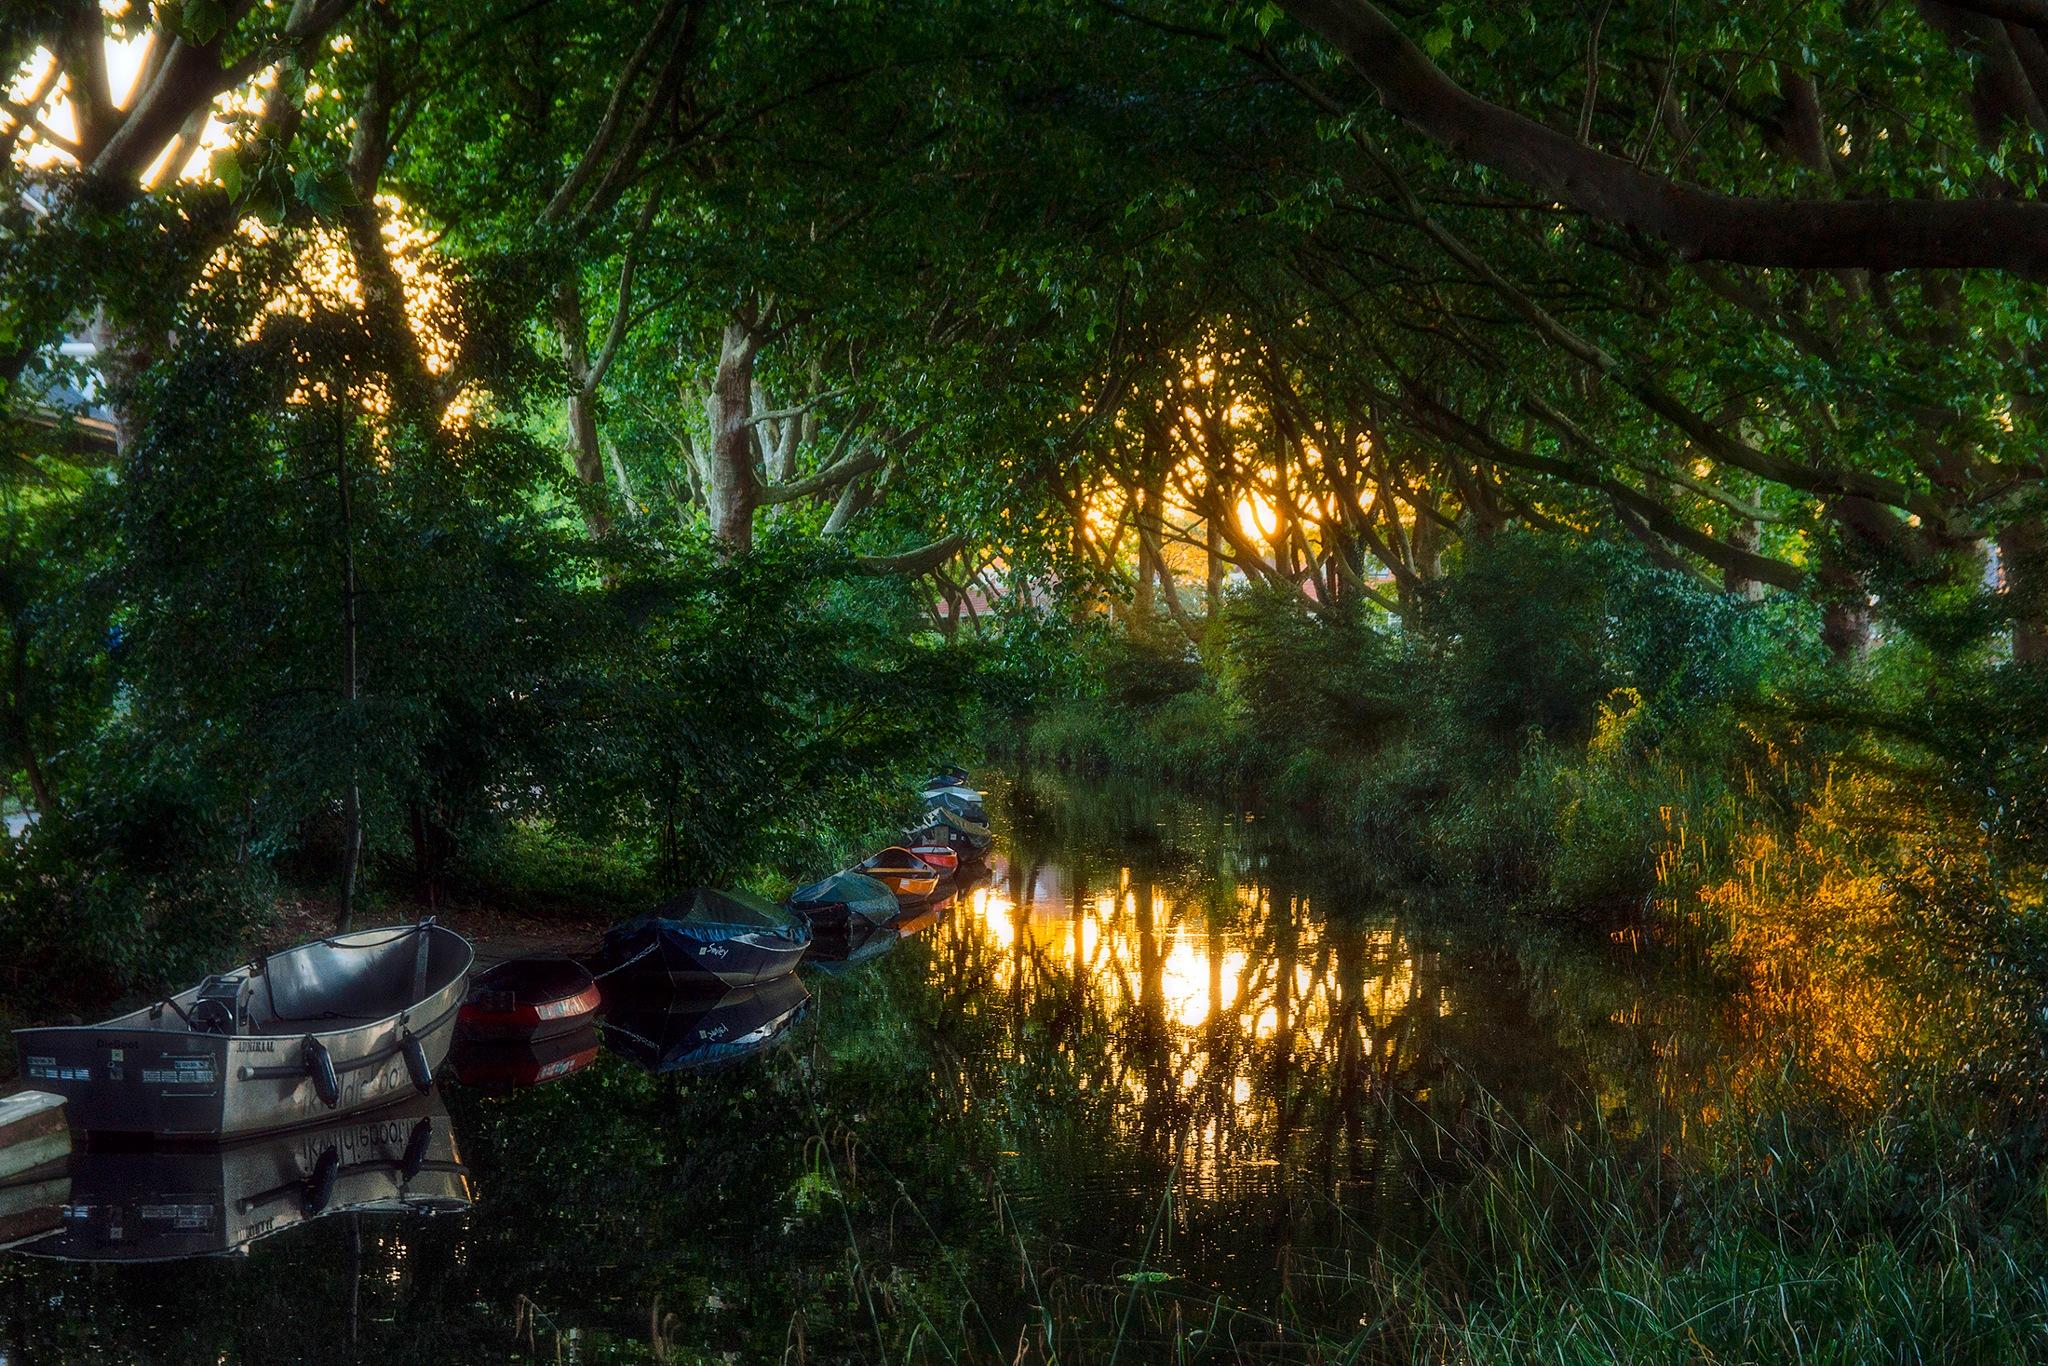 The river the Grift in Utrecht by Wim Van De Meerendonk